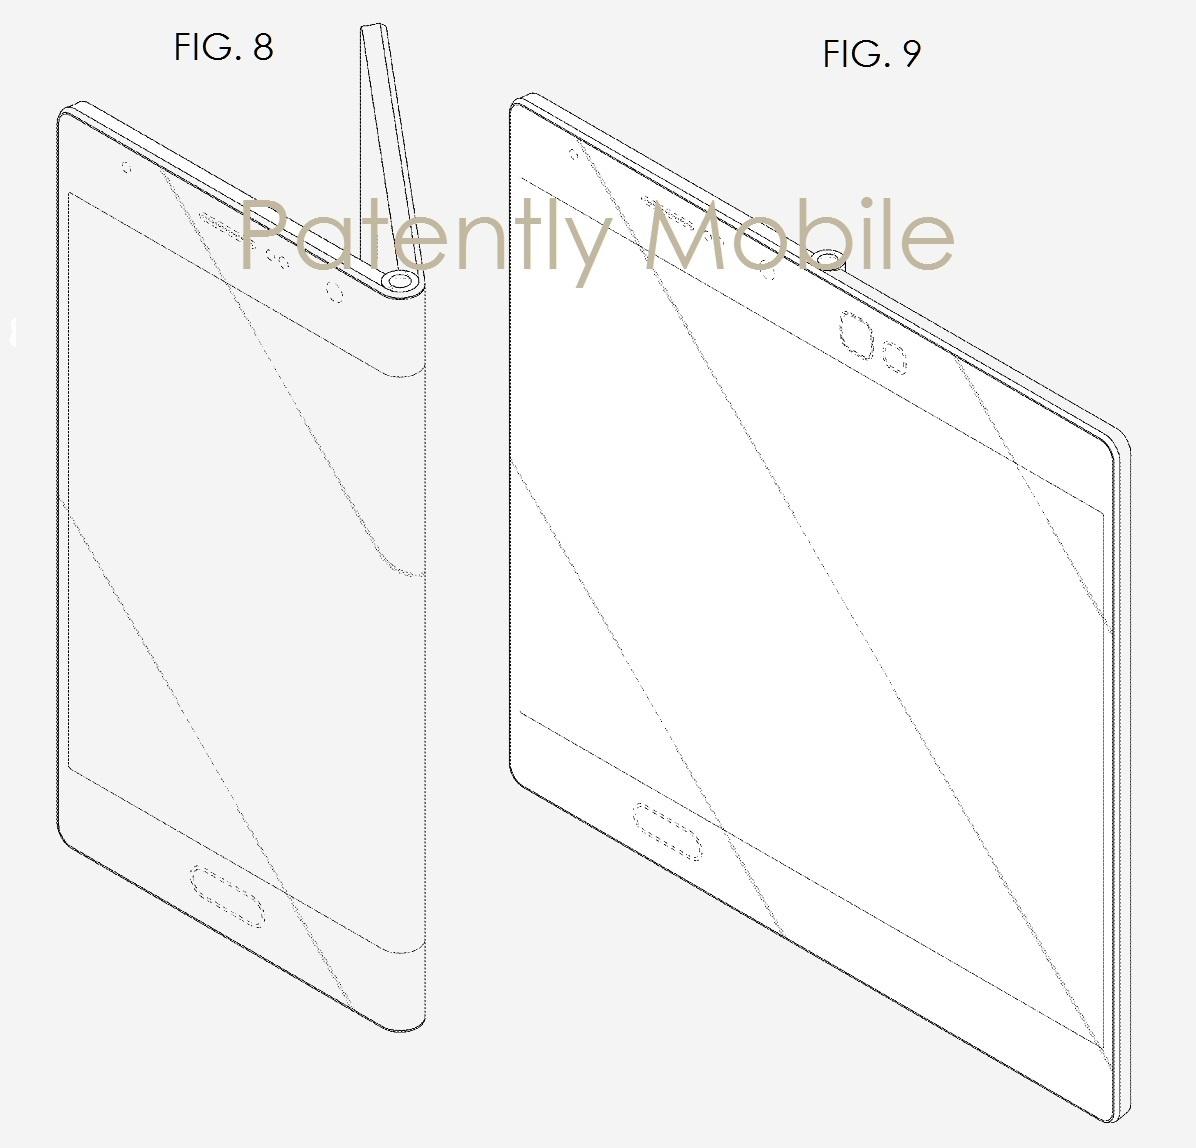 Le Samsung Galaxy X serait un smartphone dépliable en tablette de 7 pouces